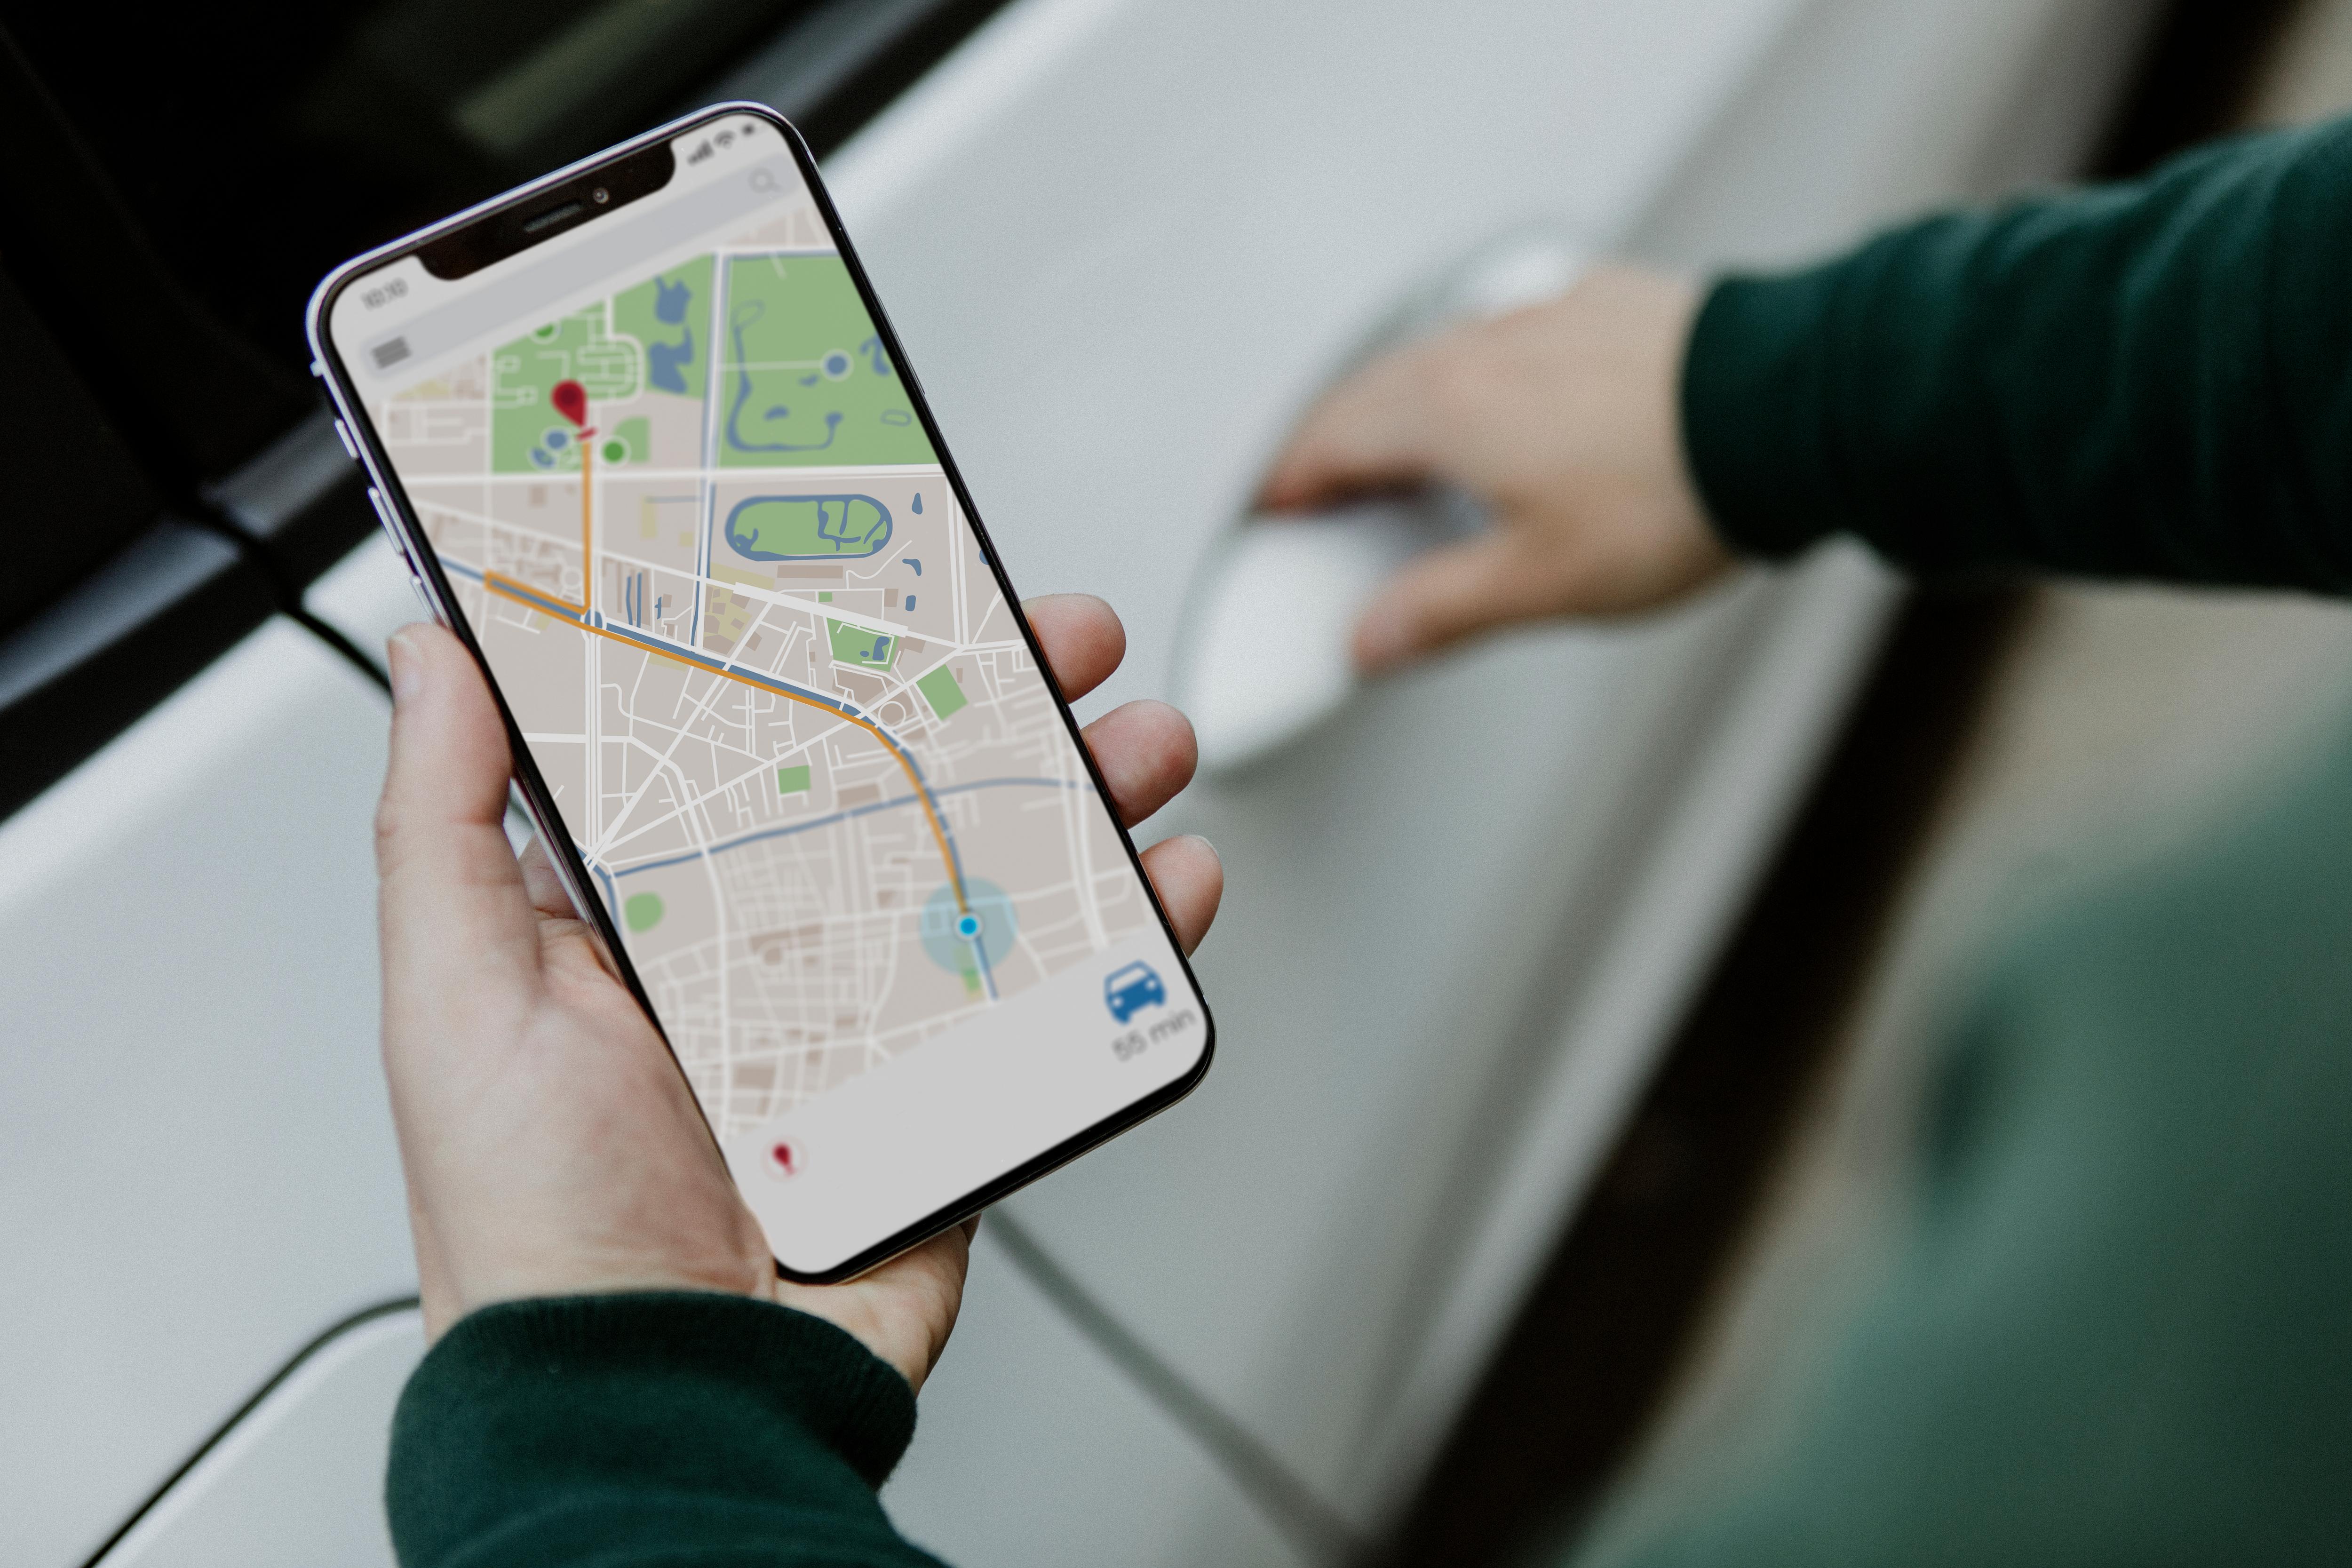 Dispositivo móvil consultando posición GPS